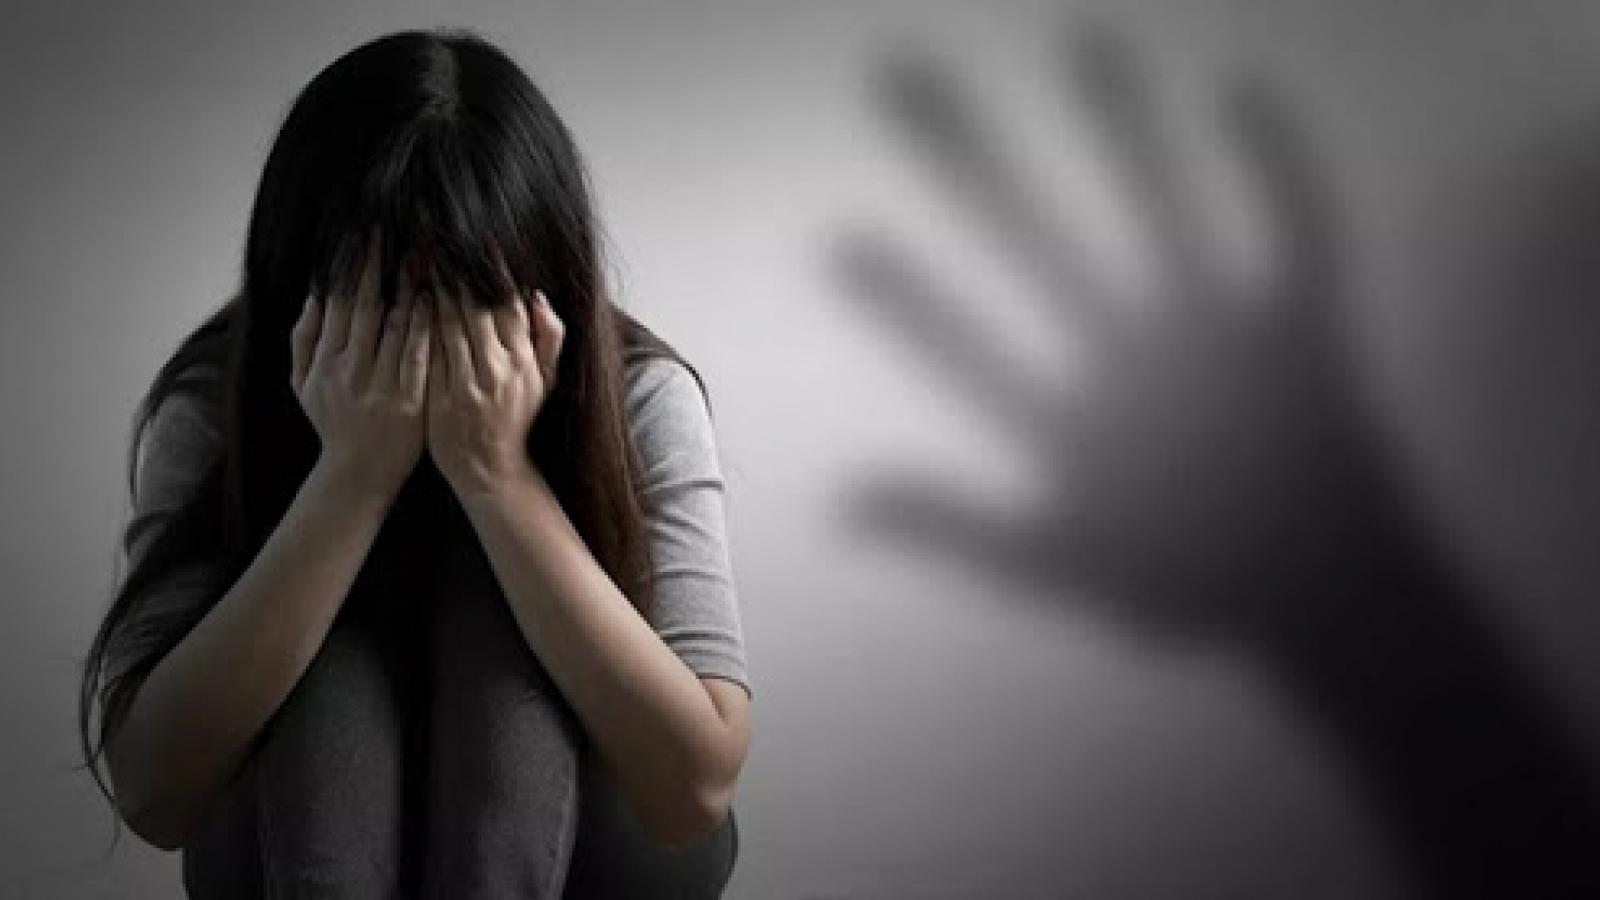 Rơi vào trạng thái trầm cảm, nữ sinh 13 tuổi từng có ý định tự sát